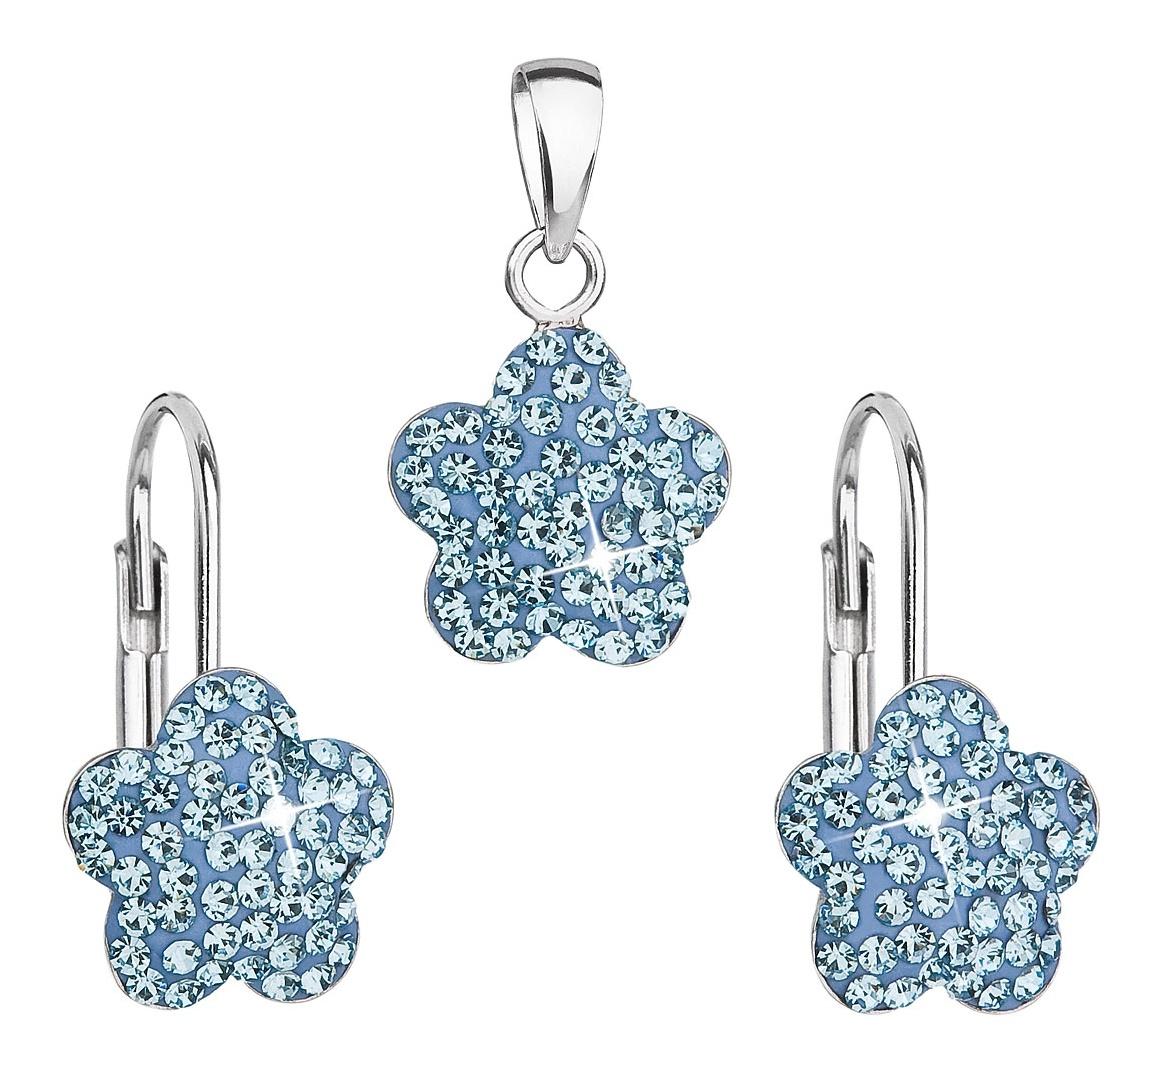 Dětská stříbrná souprava - modré kytičky s krystaly Swarovski